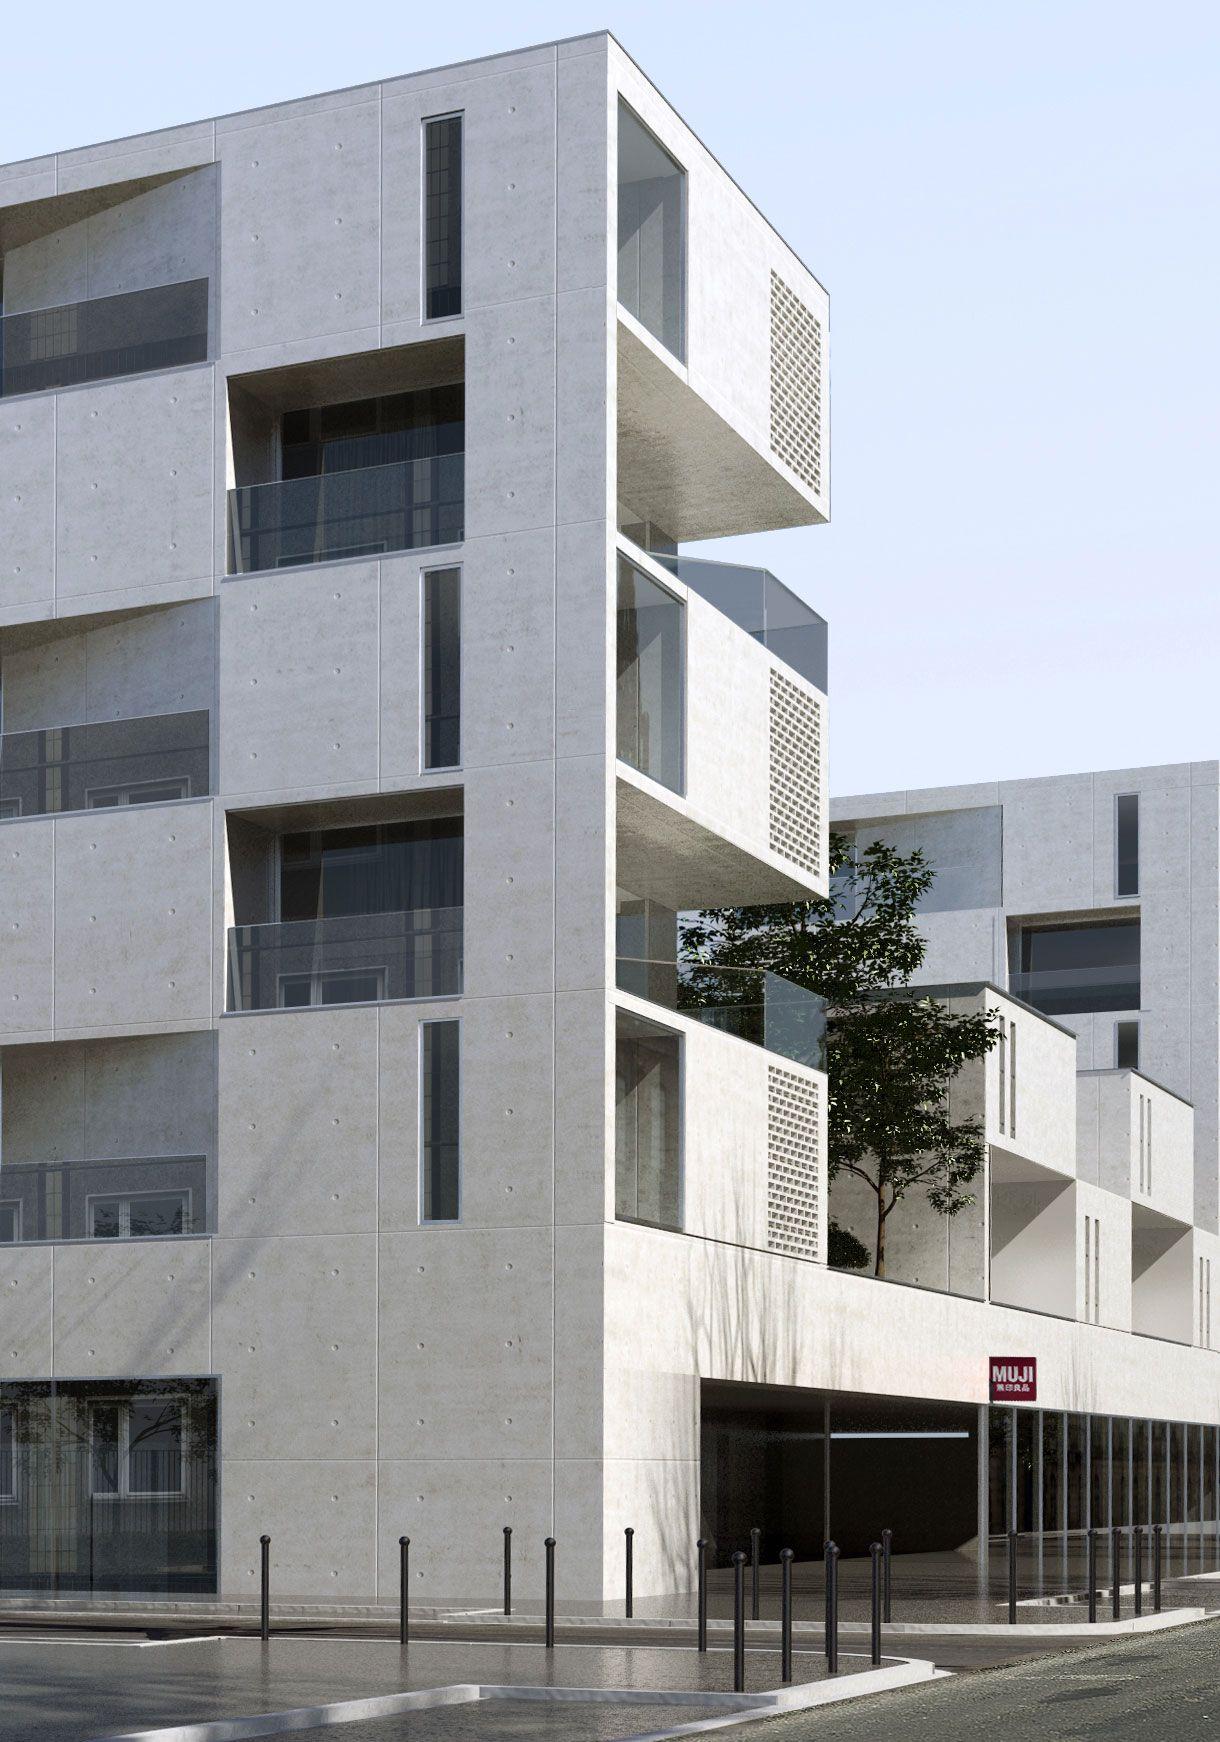 Agence d architecture aum lyon architecture logements - Arquitectura lyon ...